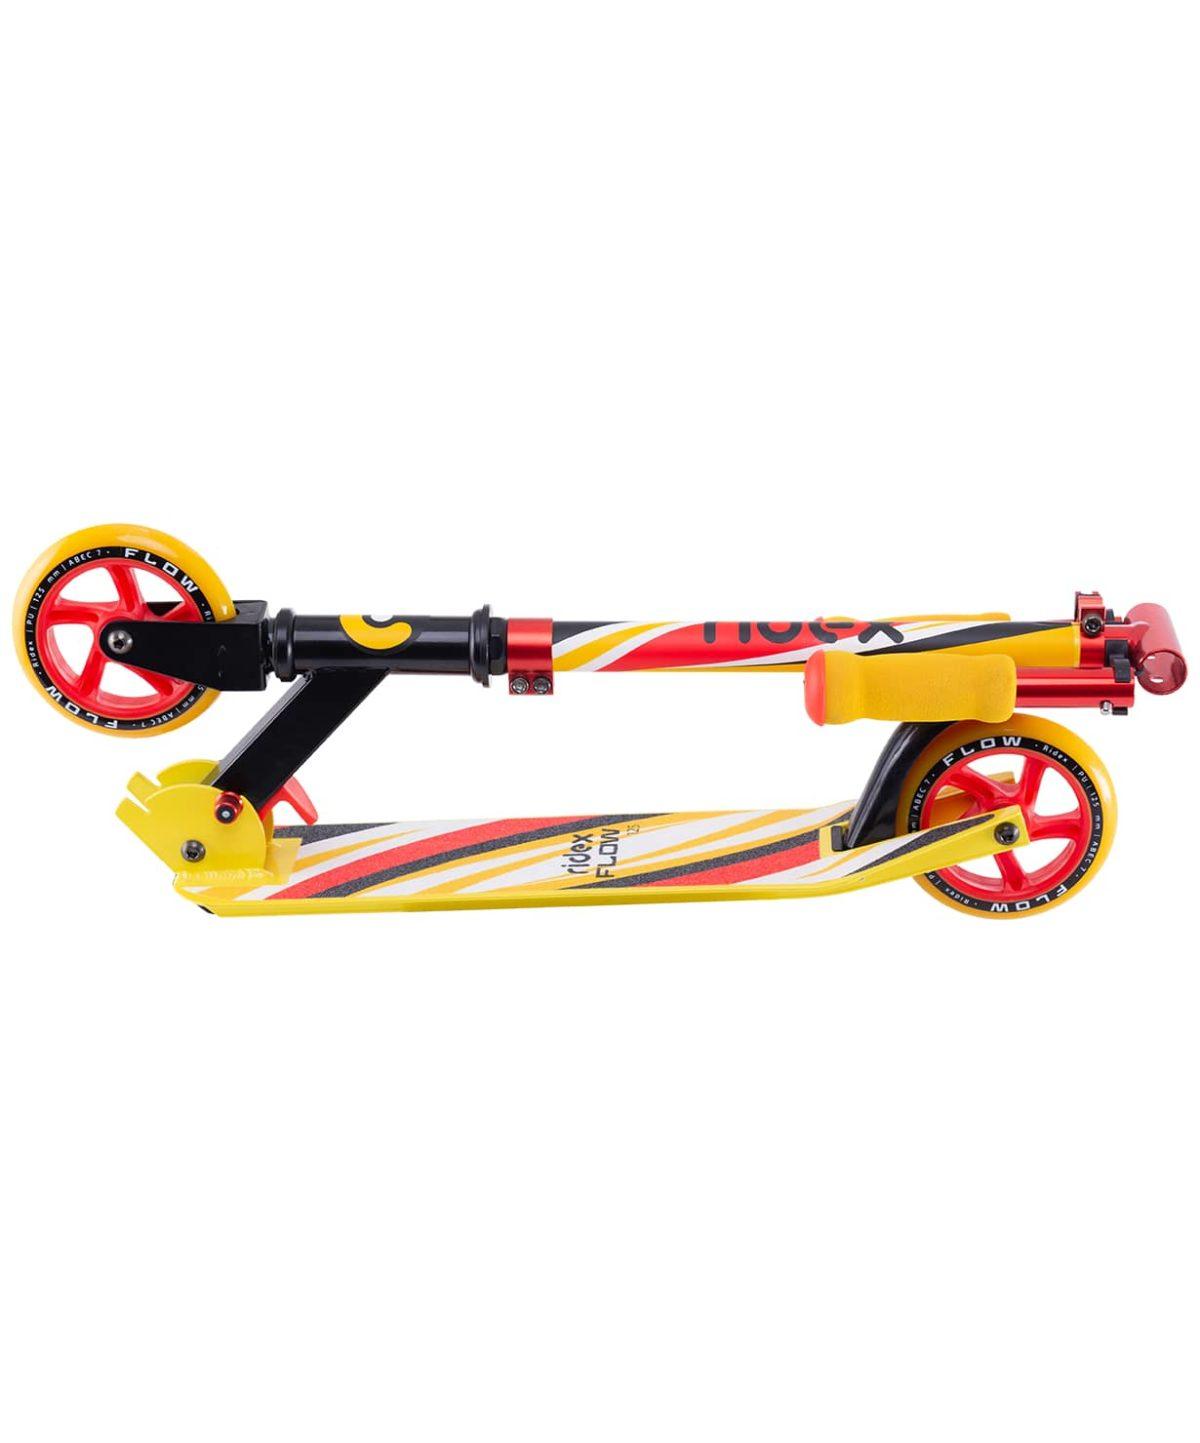 RIDEX Flow Самокат 2-х колес. 125 мм  Flow - 4